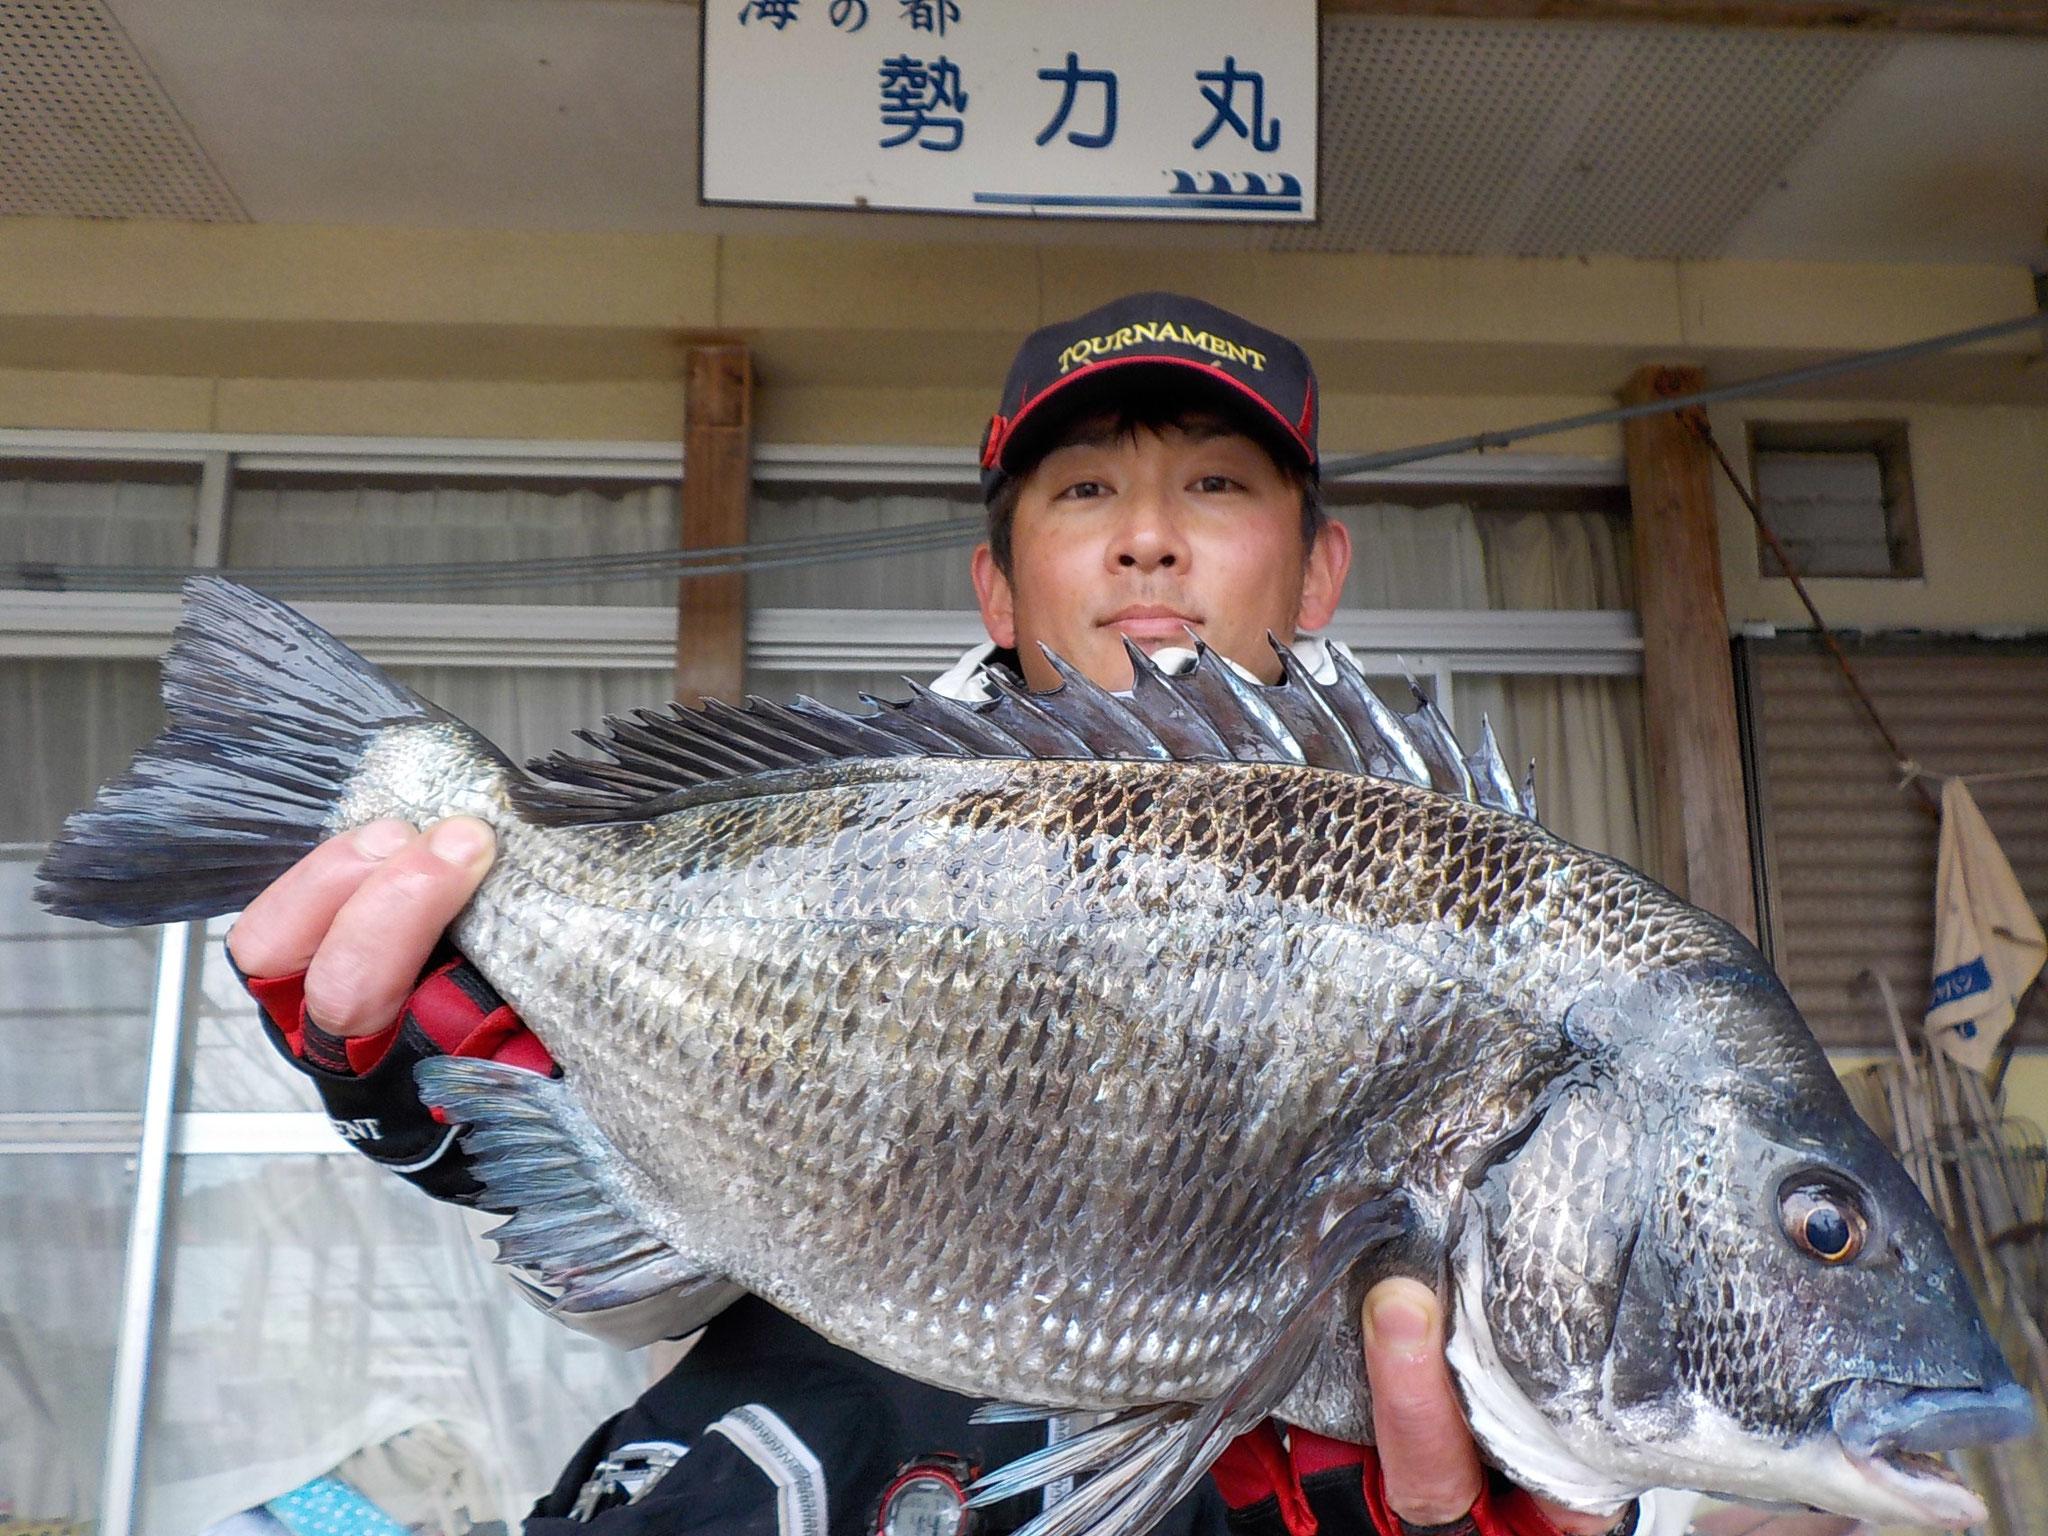 3月22日 磯釣りで渡辺さん ガバチヌ52.4㎝